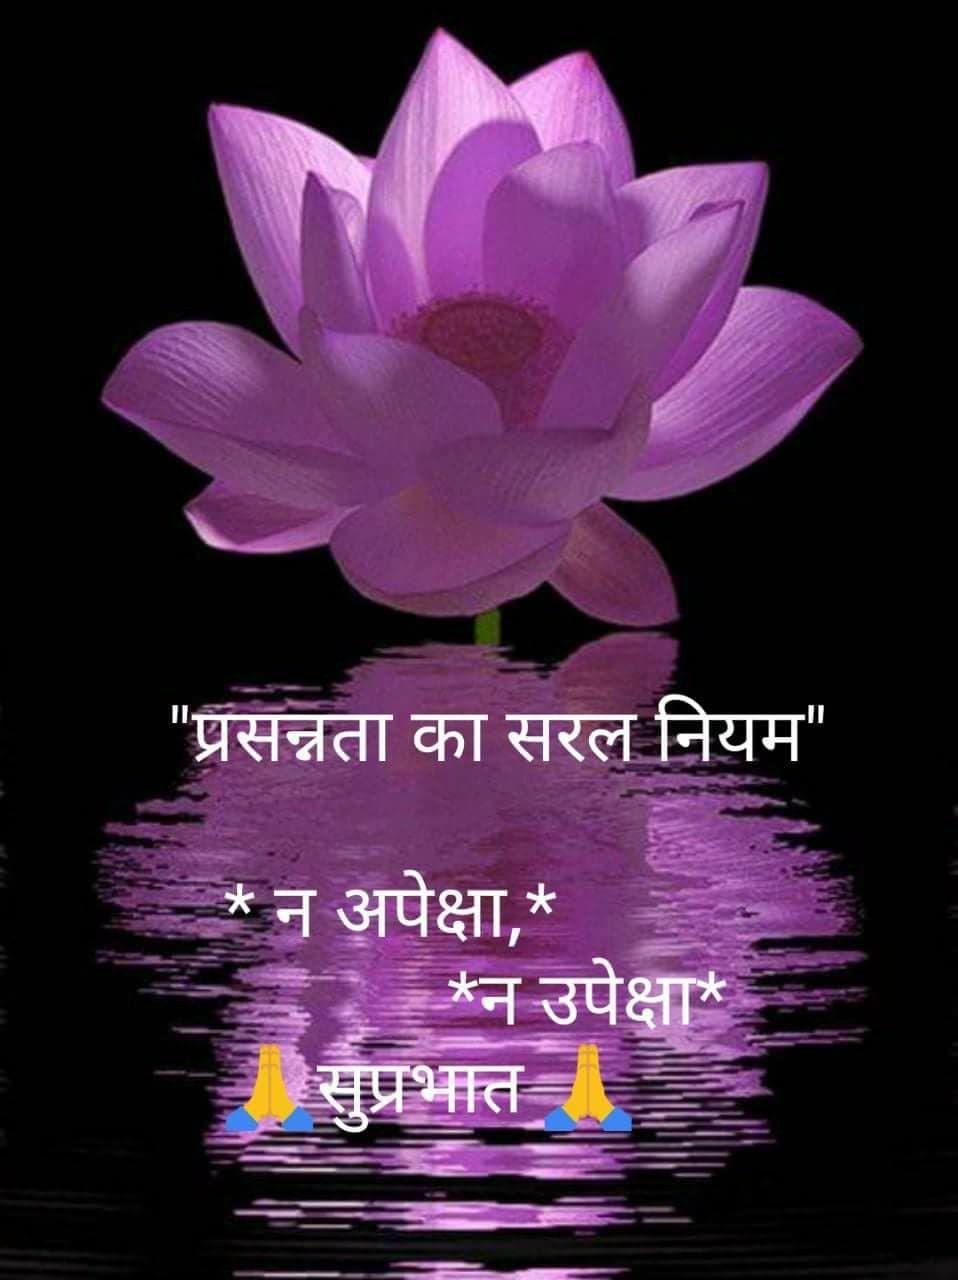 Pin By Rashi Swami On Meri Duniya Pinterest Morning Prayer